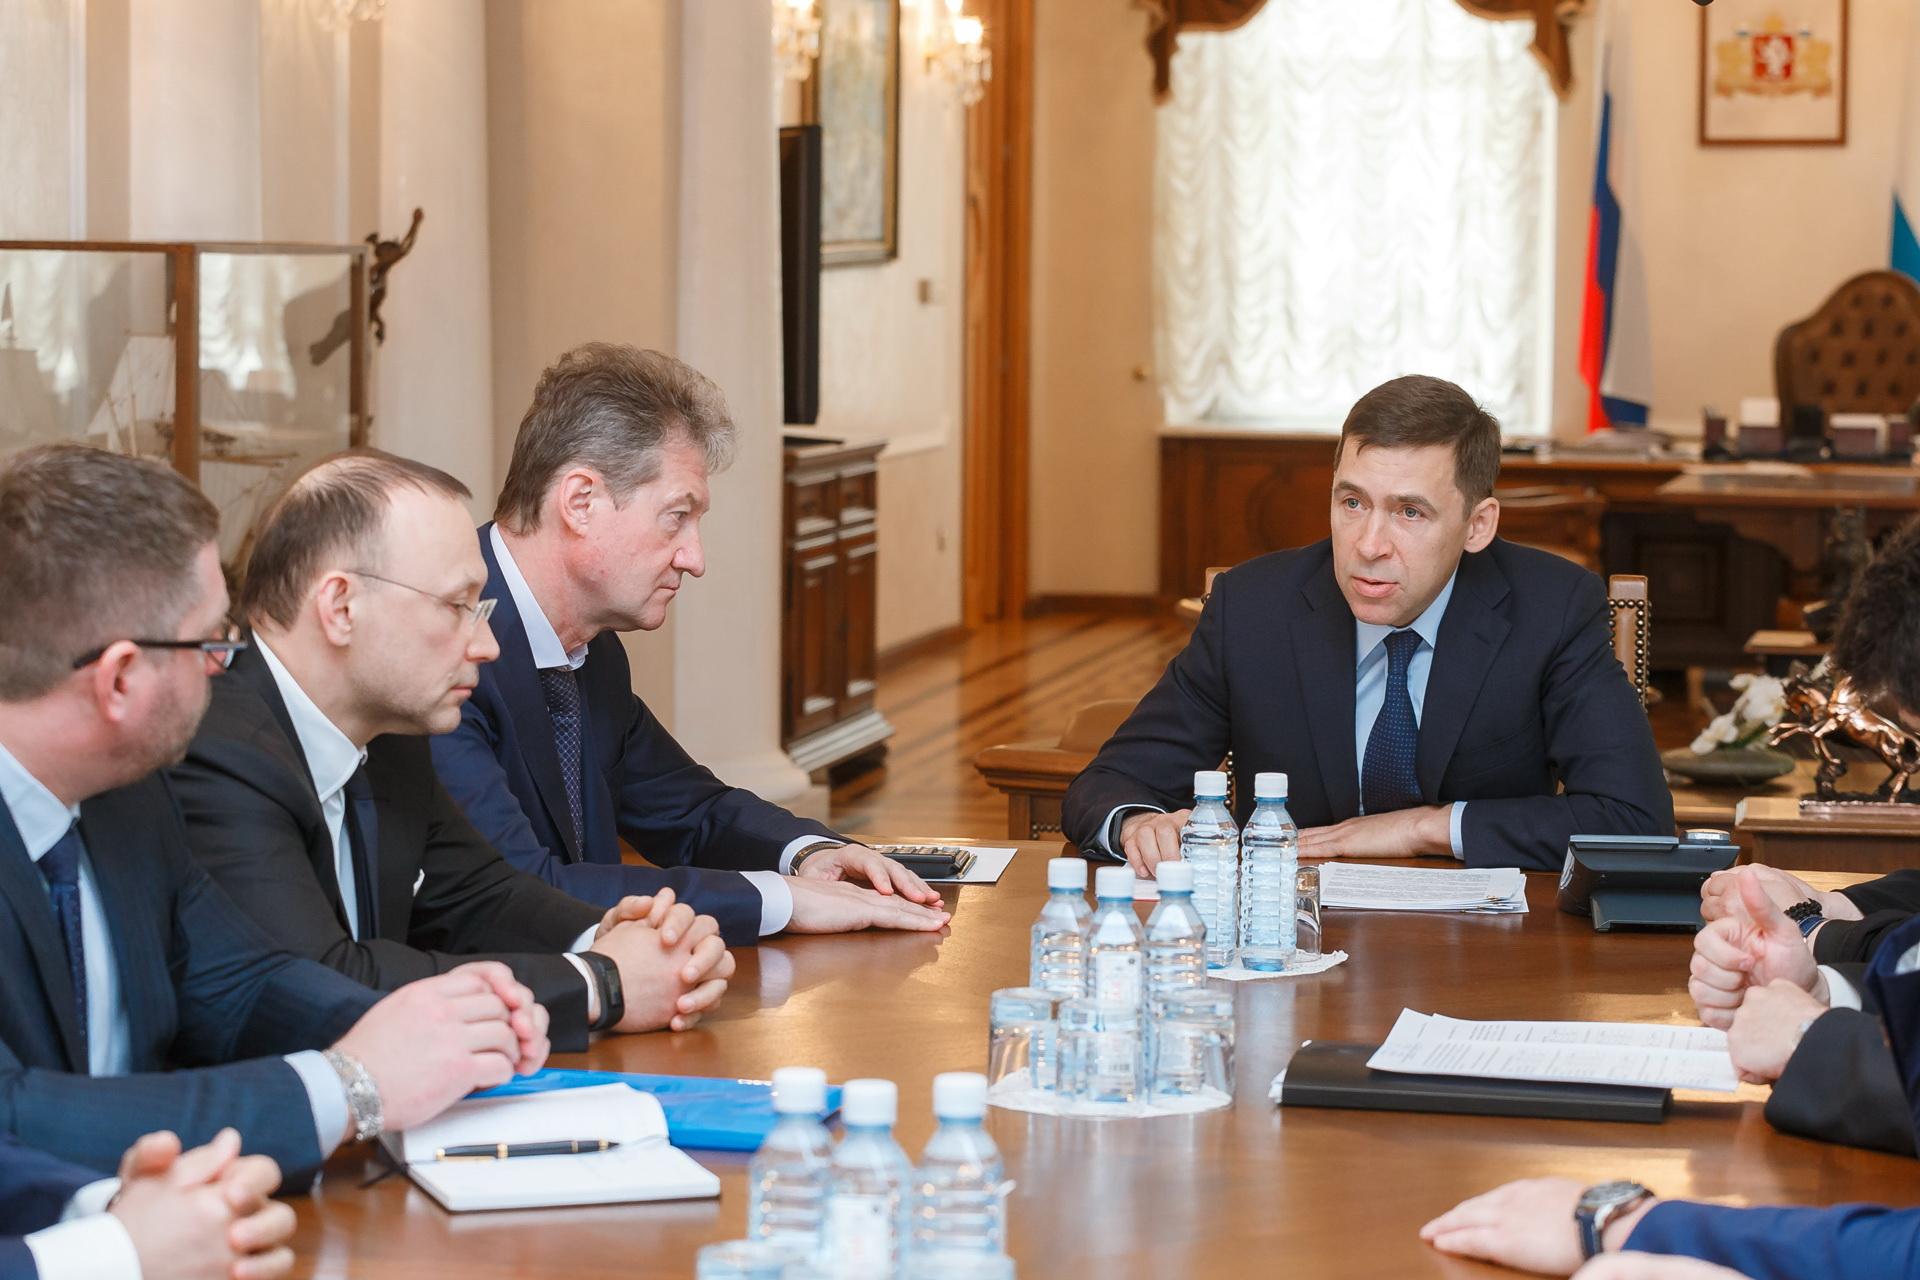 Слева — глава РМК Игорь Алтушкин и глава УГМК Андрей Козицын